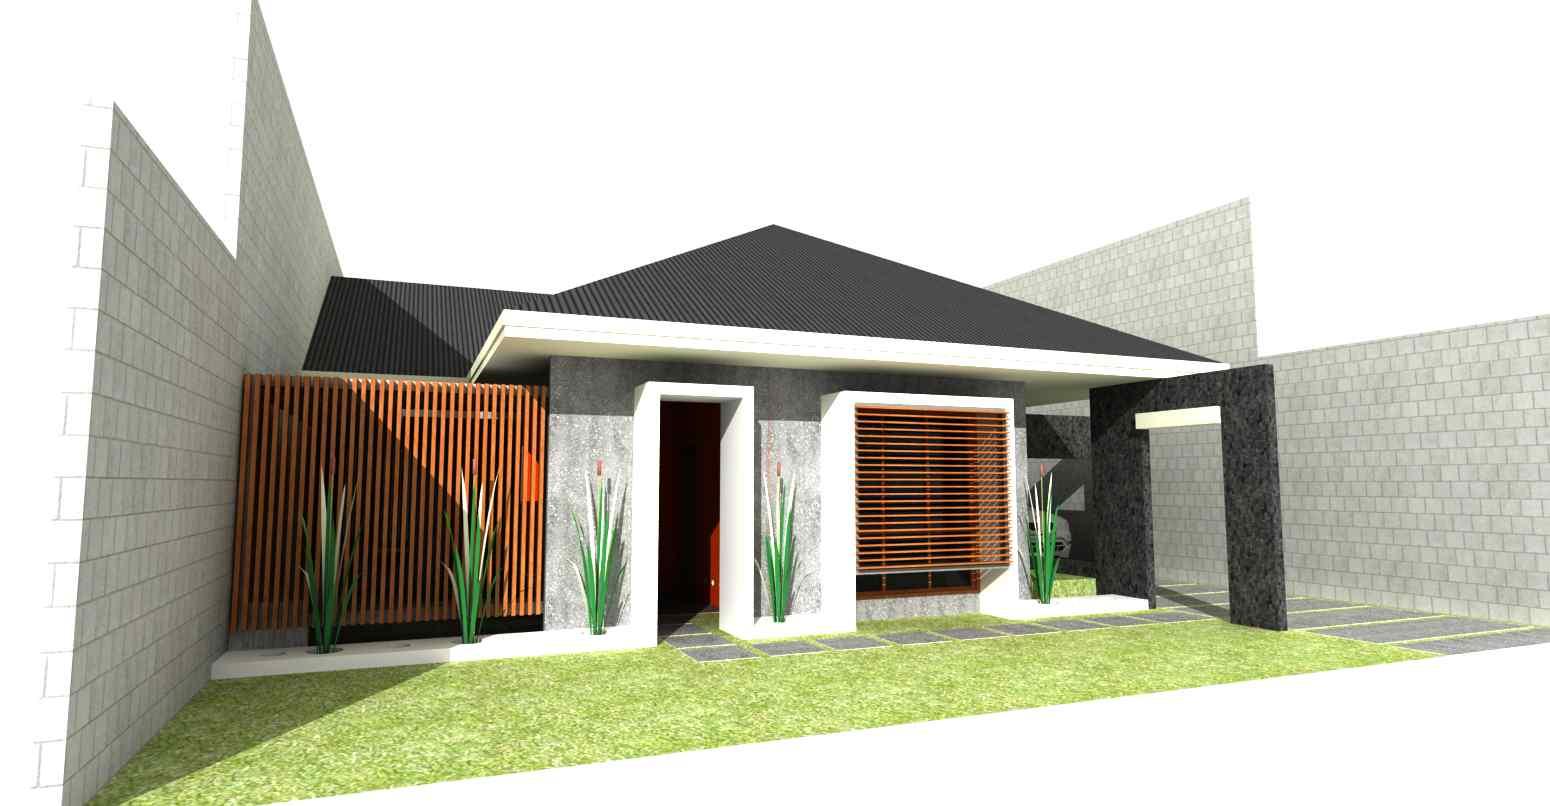 Rumahab Desain Atap Rumah Minimalis 1 Lantai